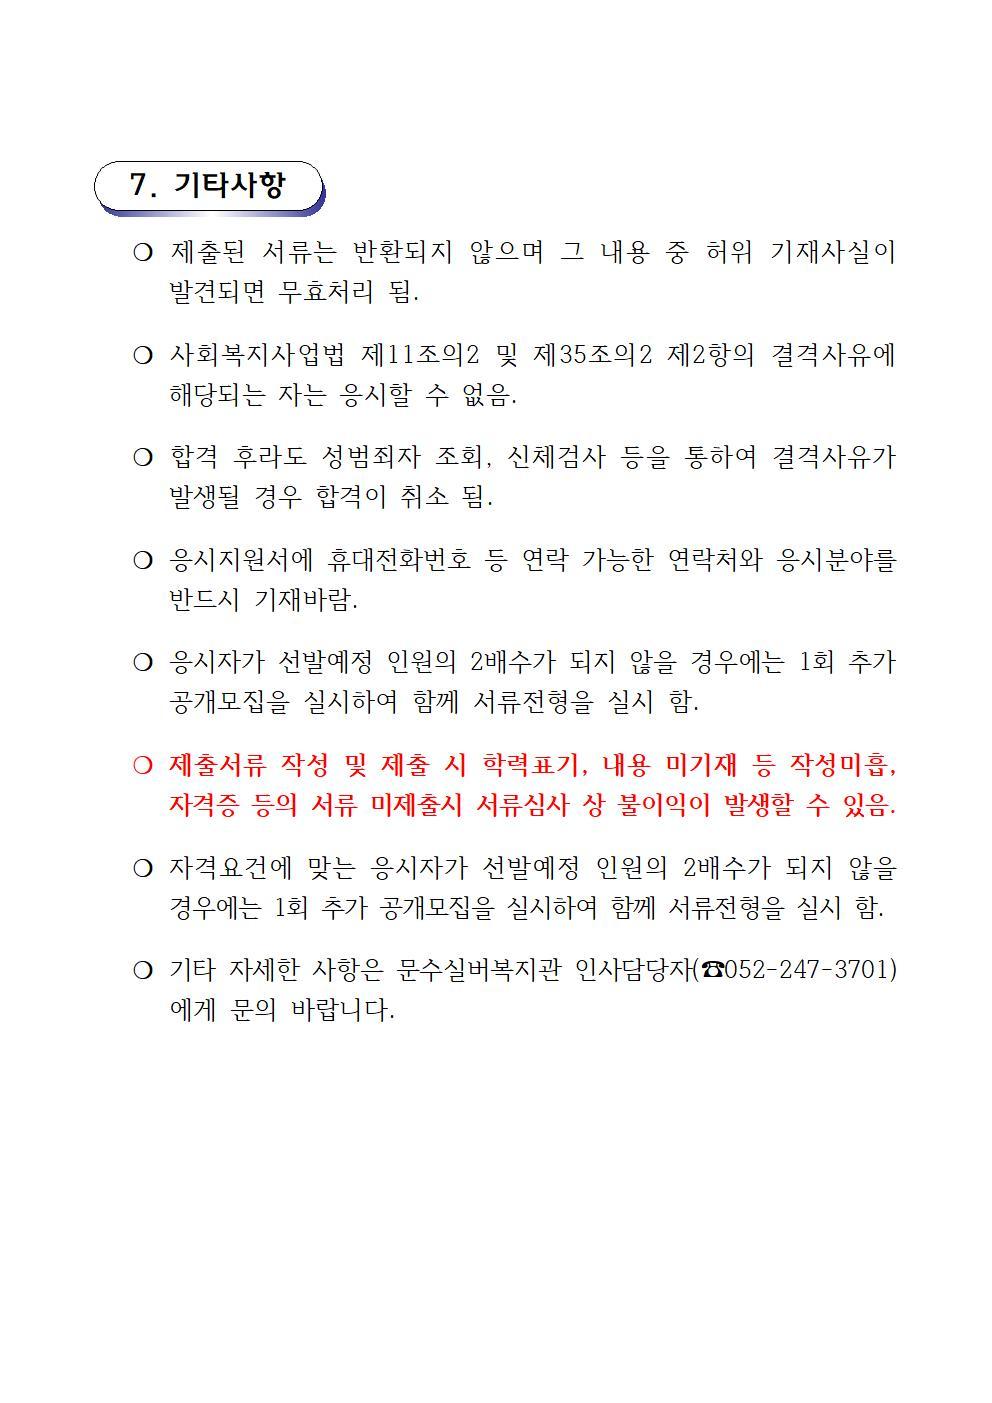 채용공고문(보조원_대체인력) (2019. 11. 12003.jpg